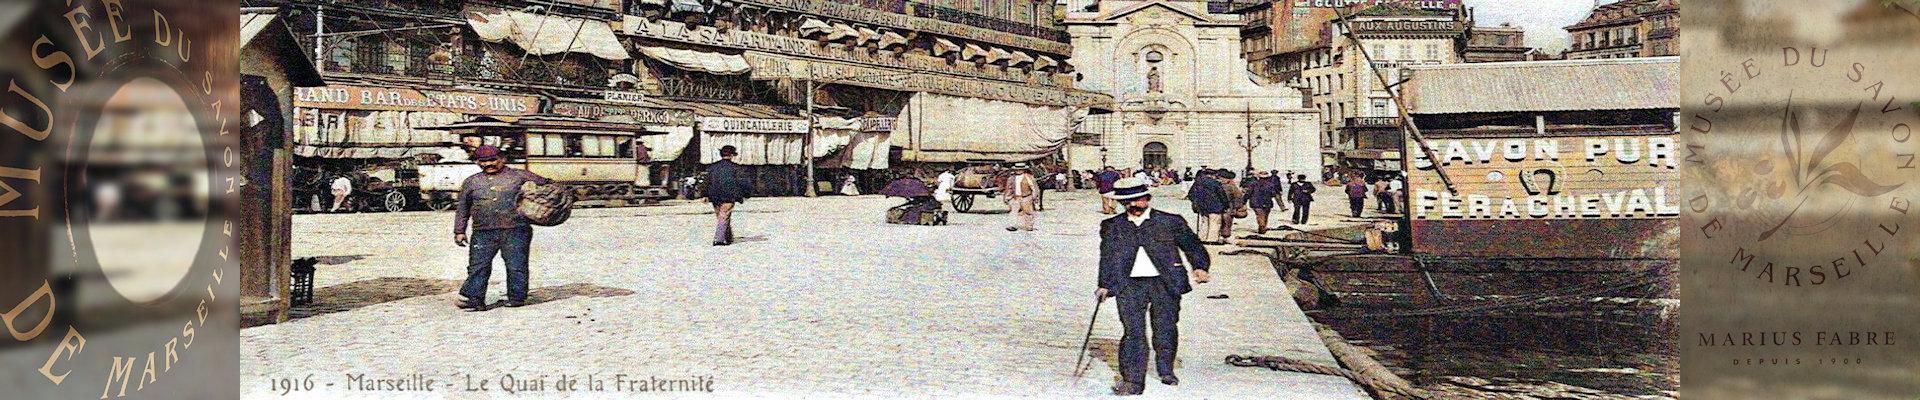 Vintage Marseille Colourised 2.jpg